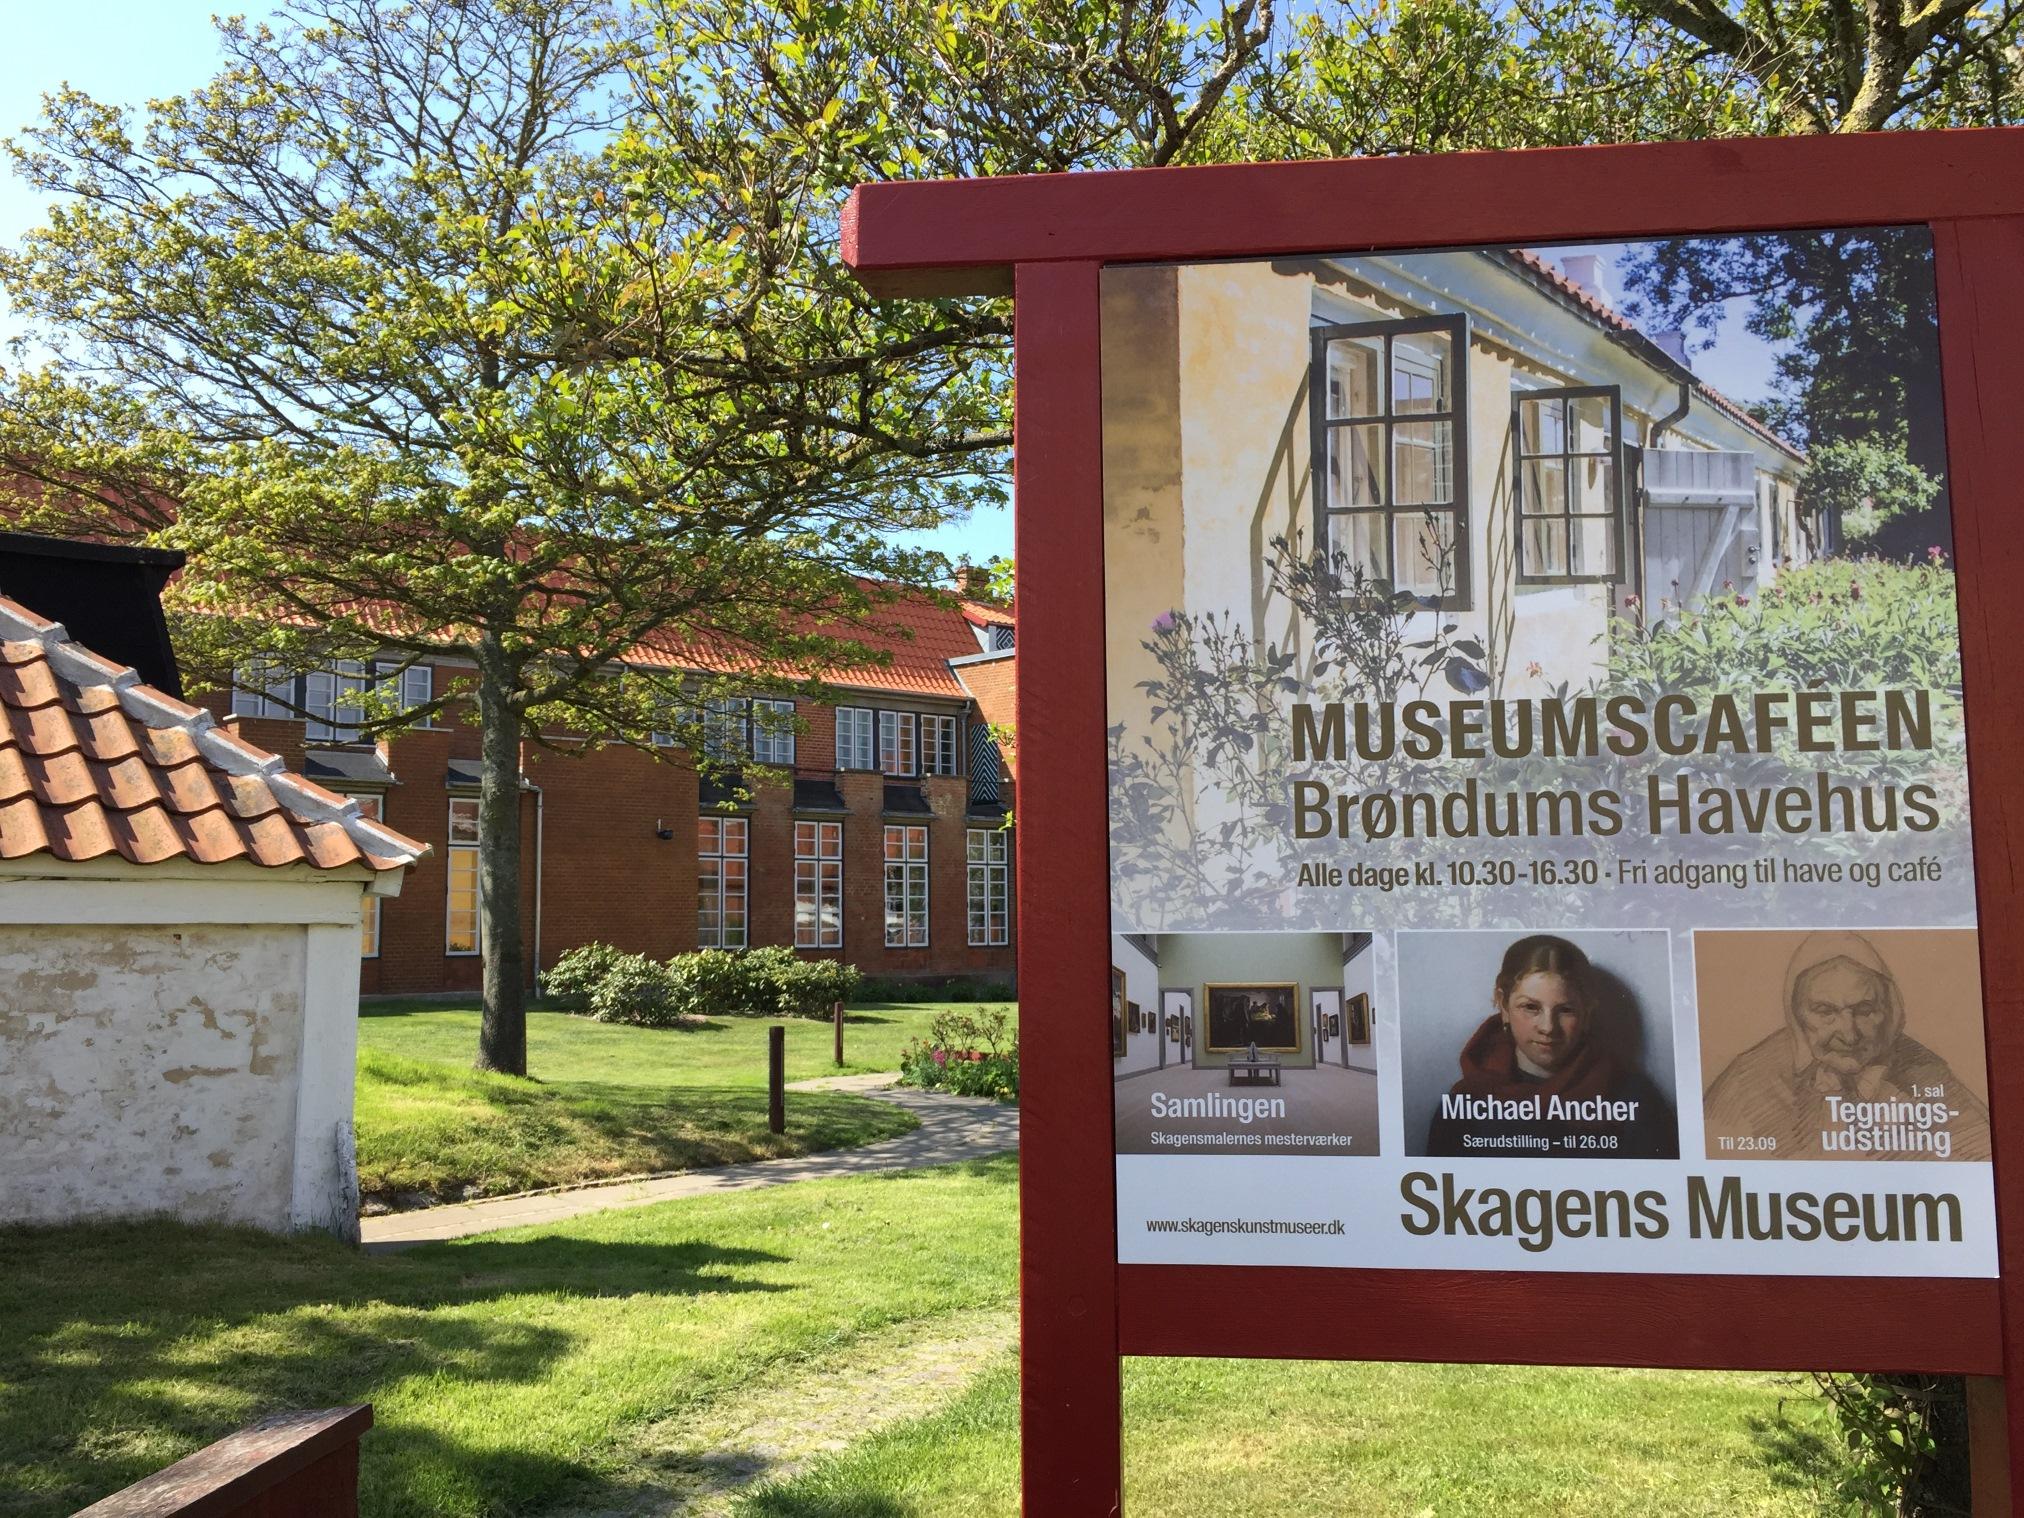 Ein Tag im Skagens Museum